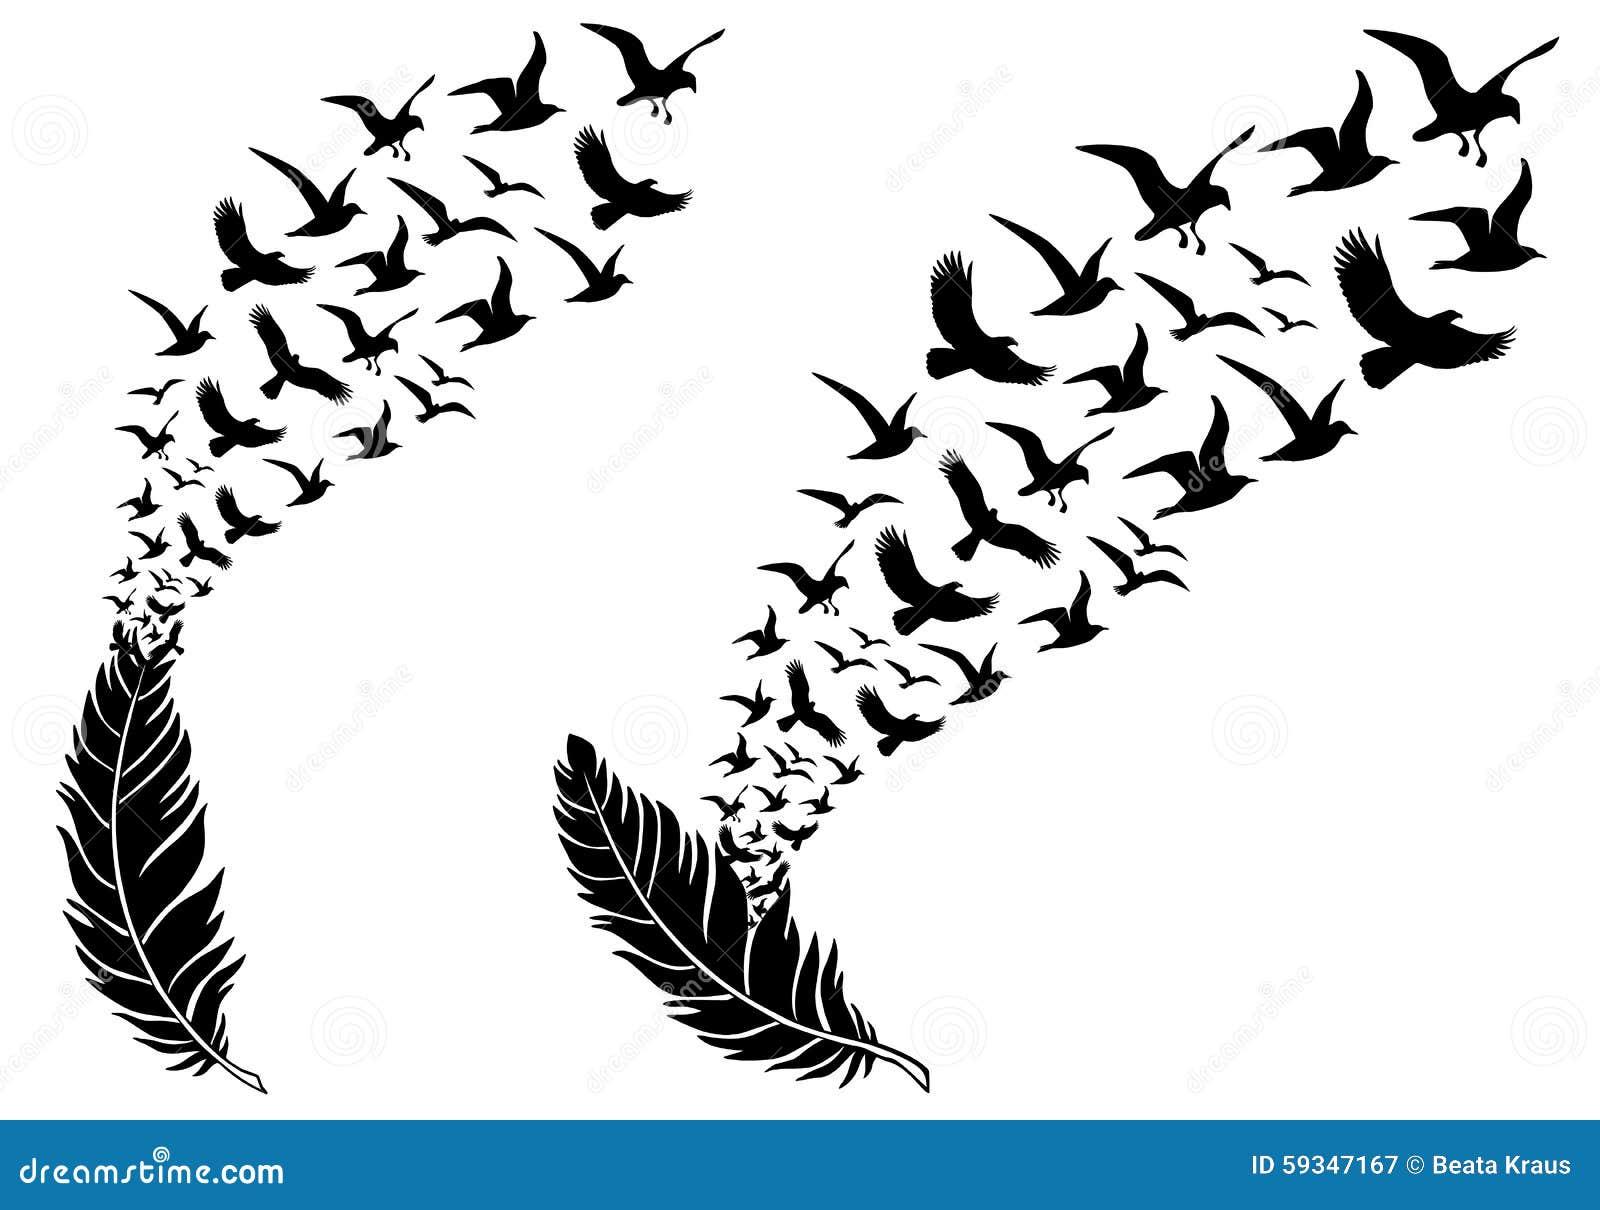 penas com p u00e1ssaros de voo  vetor ilustra u00e7 u00e3o do vetor